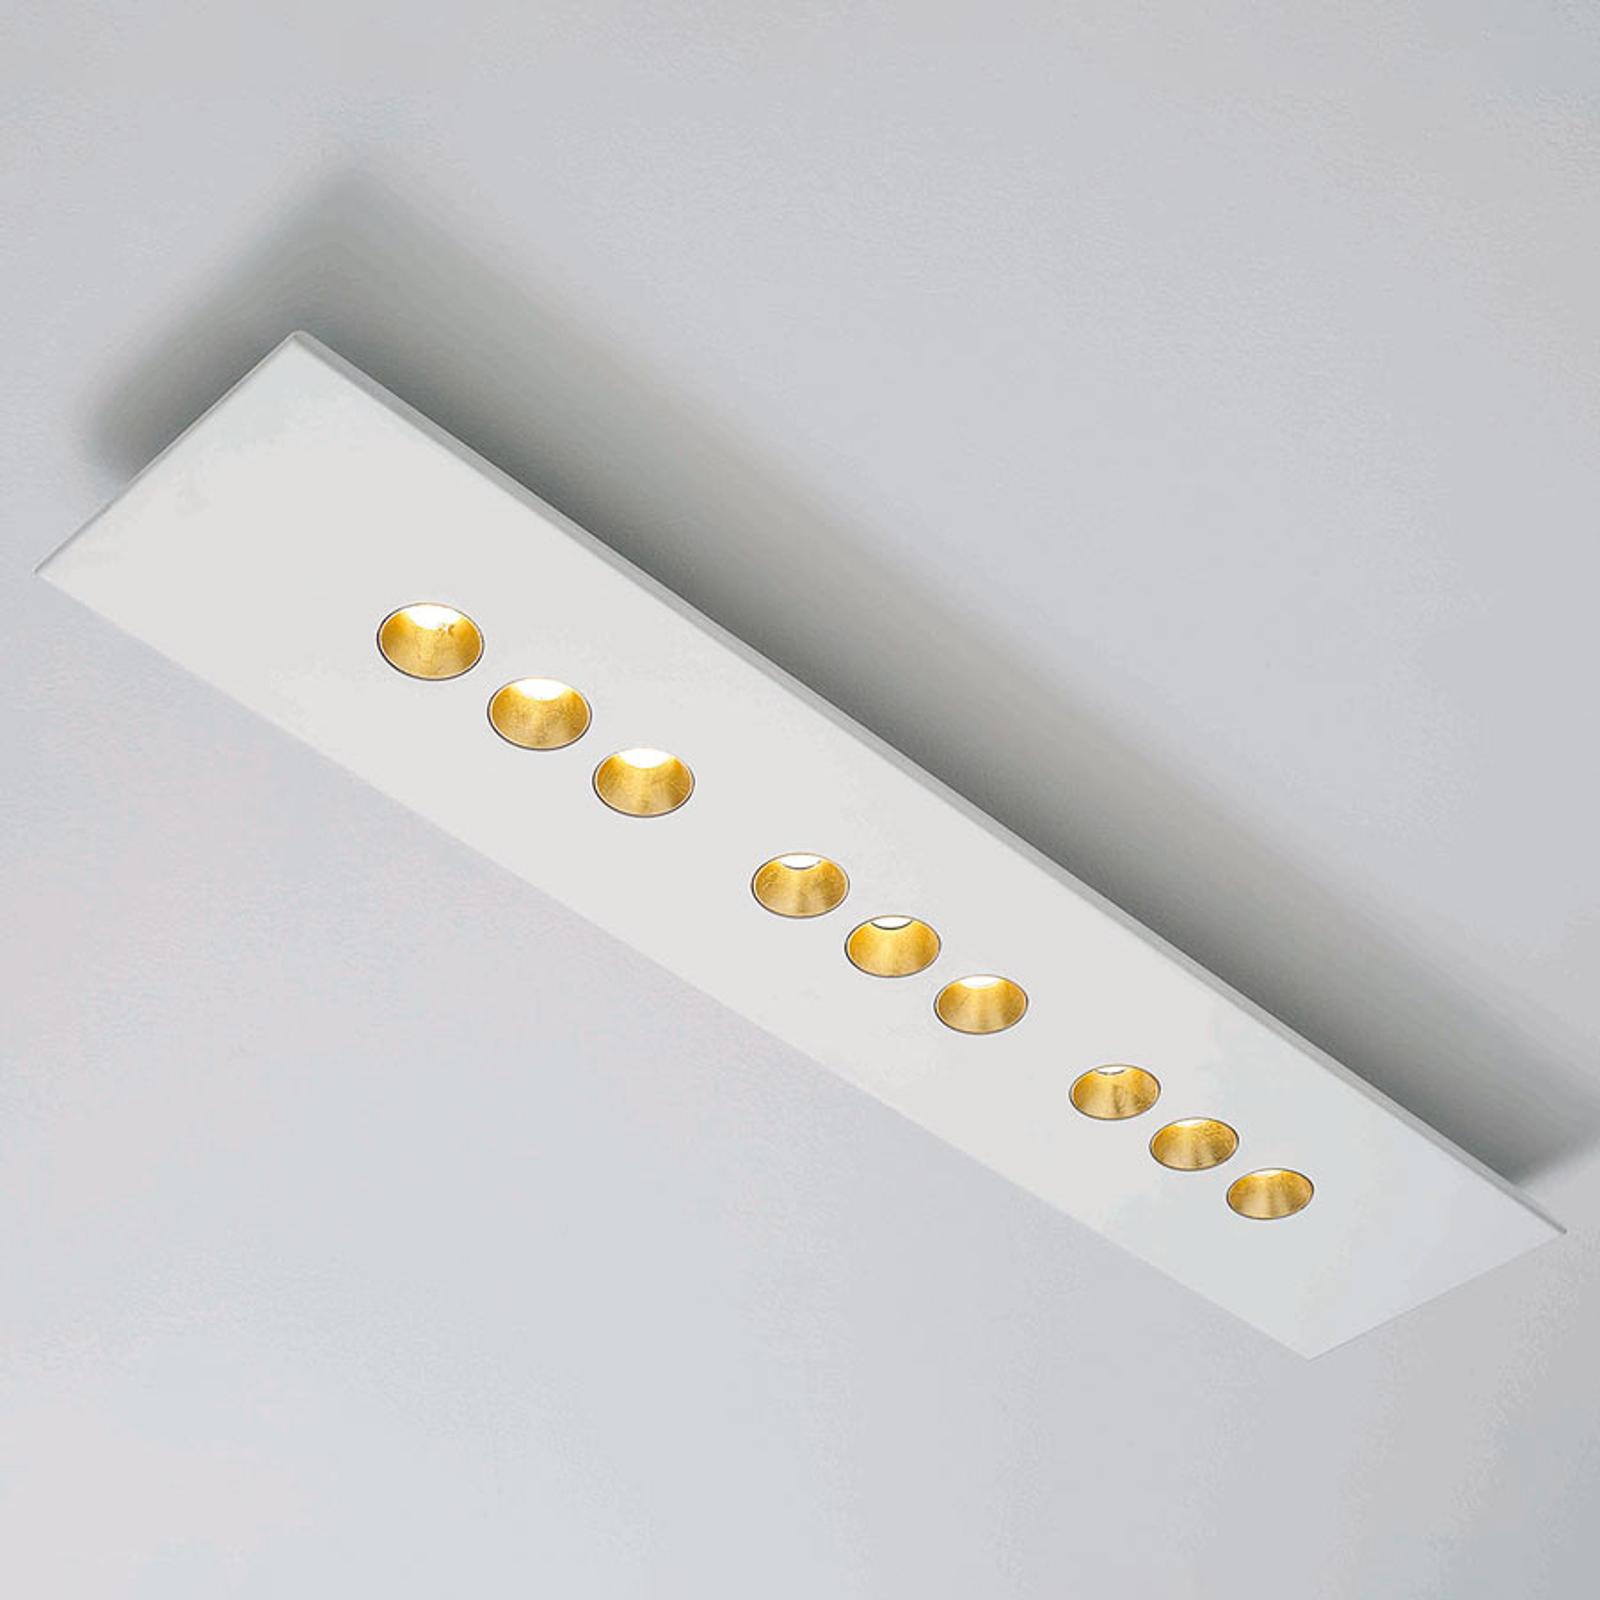 ICONE Confort LED-Deckenleuchte in modernem Stil